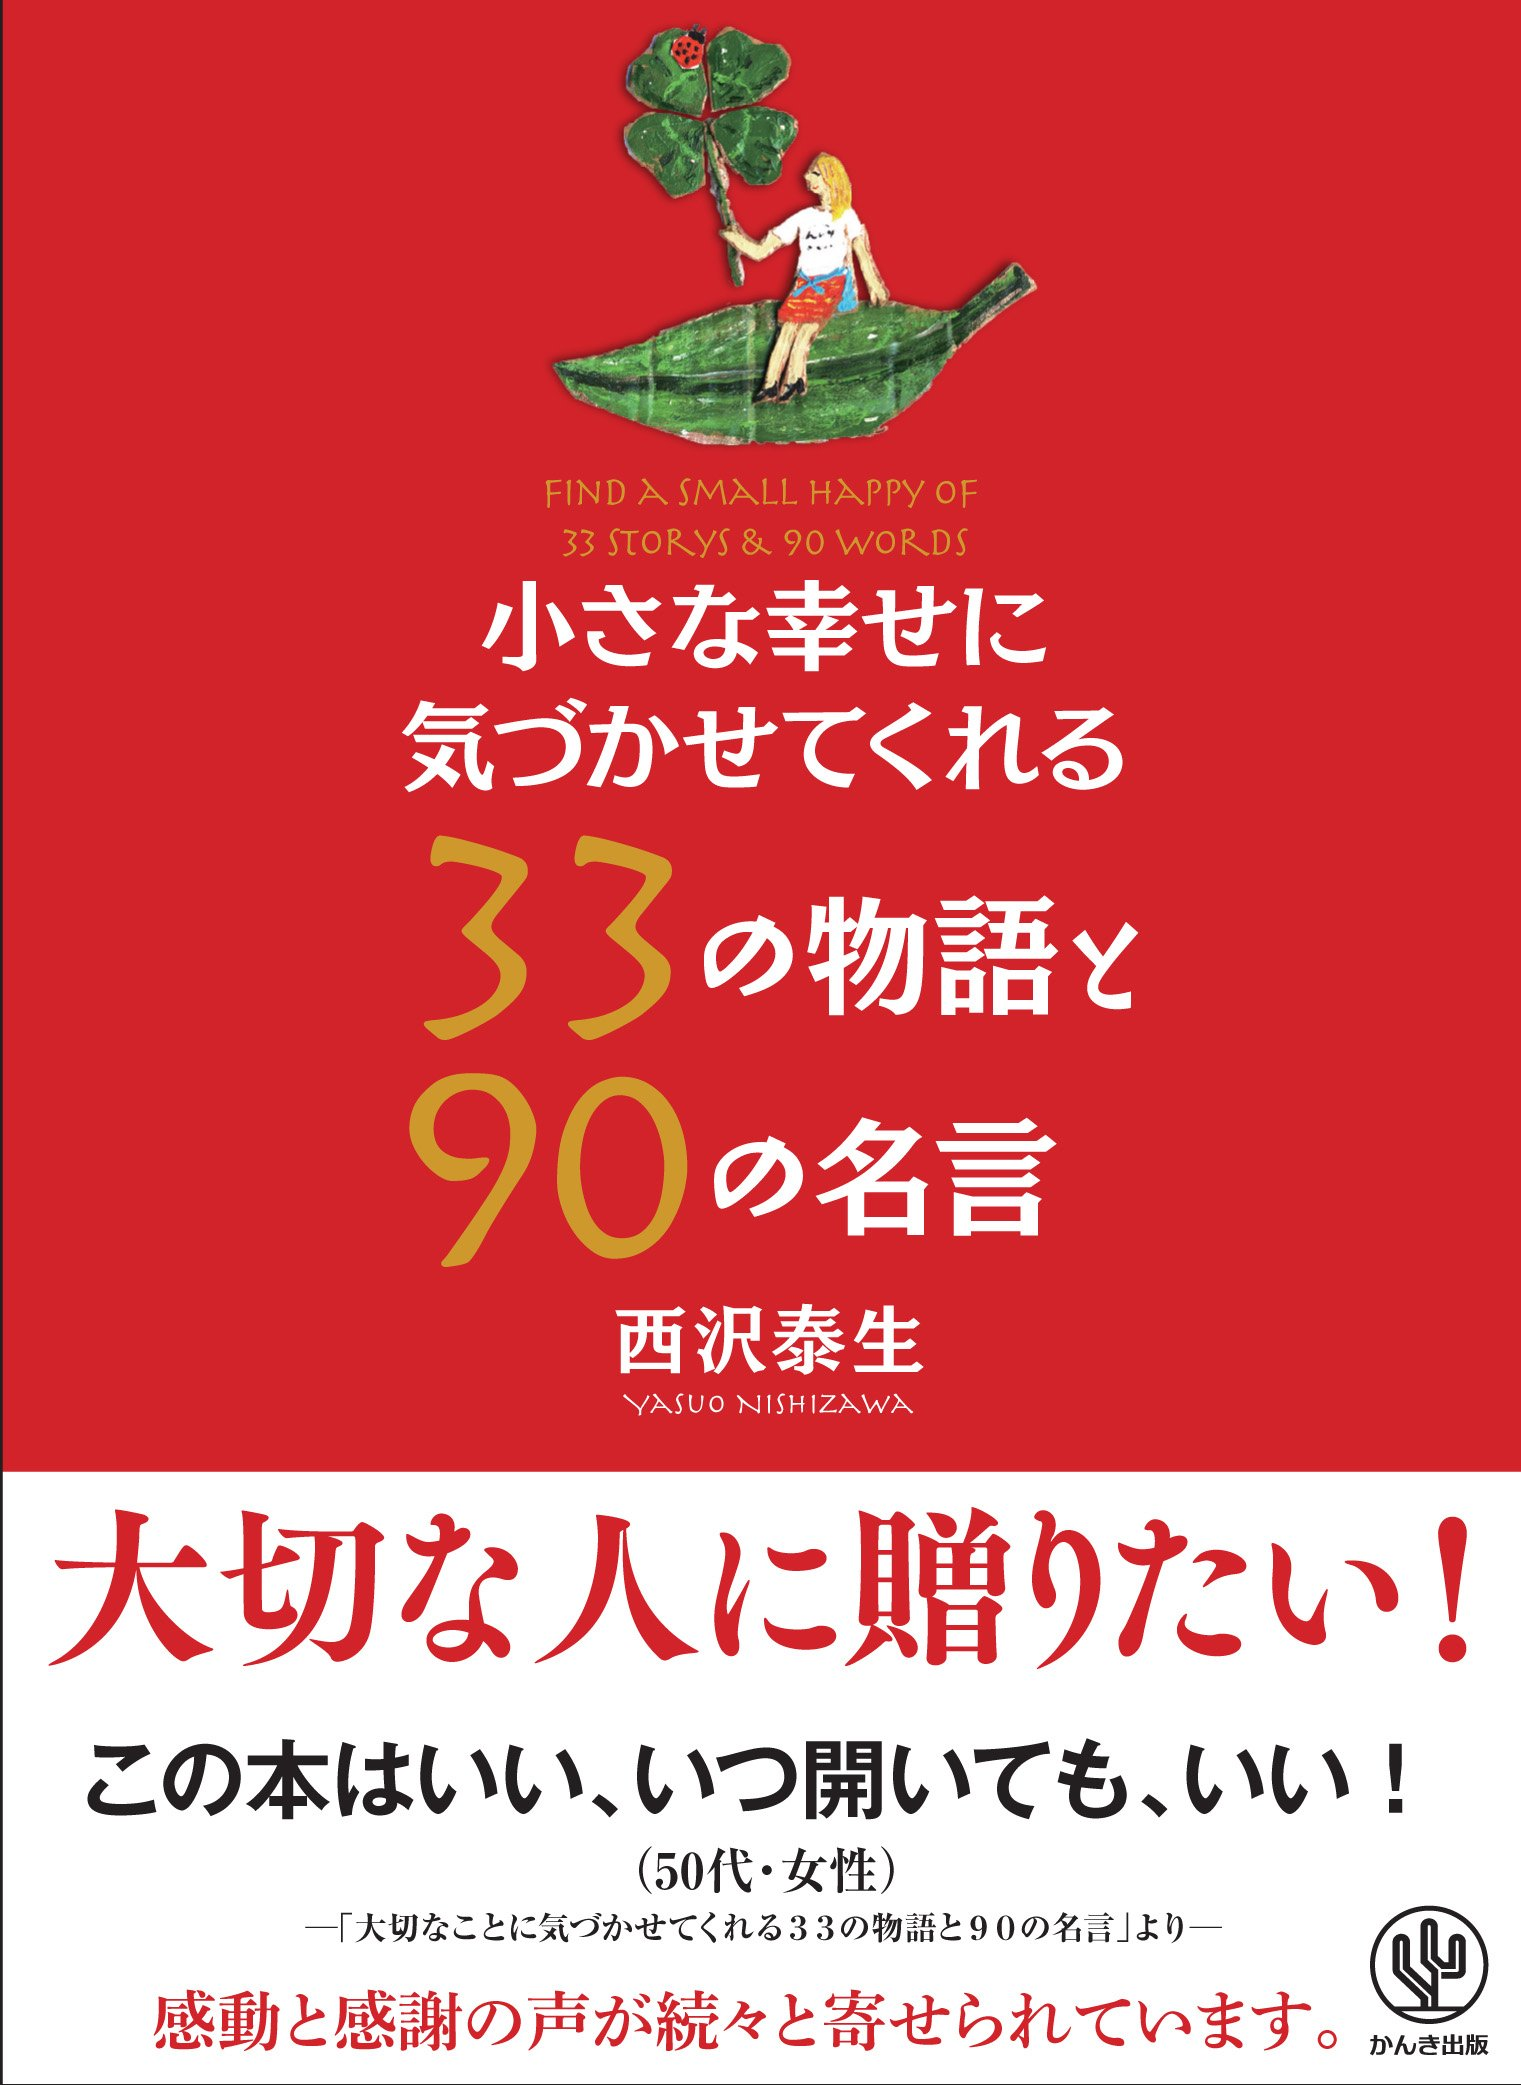 Chiisana shiawase ni kizukasete kureru sanjūsan no monogatari to kyūjū no meigen PDF